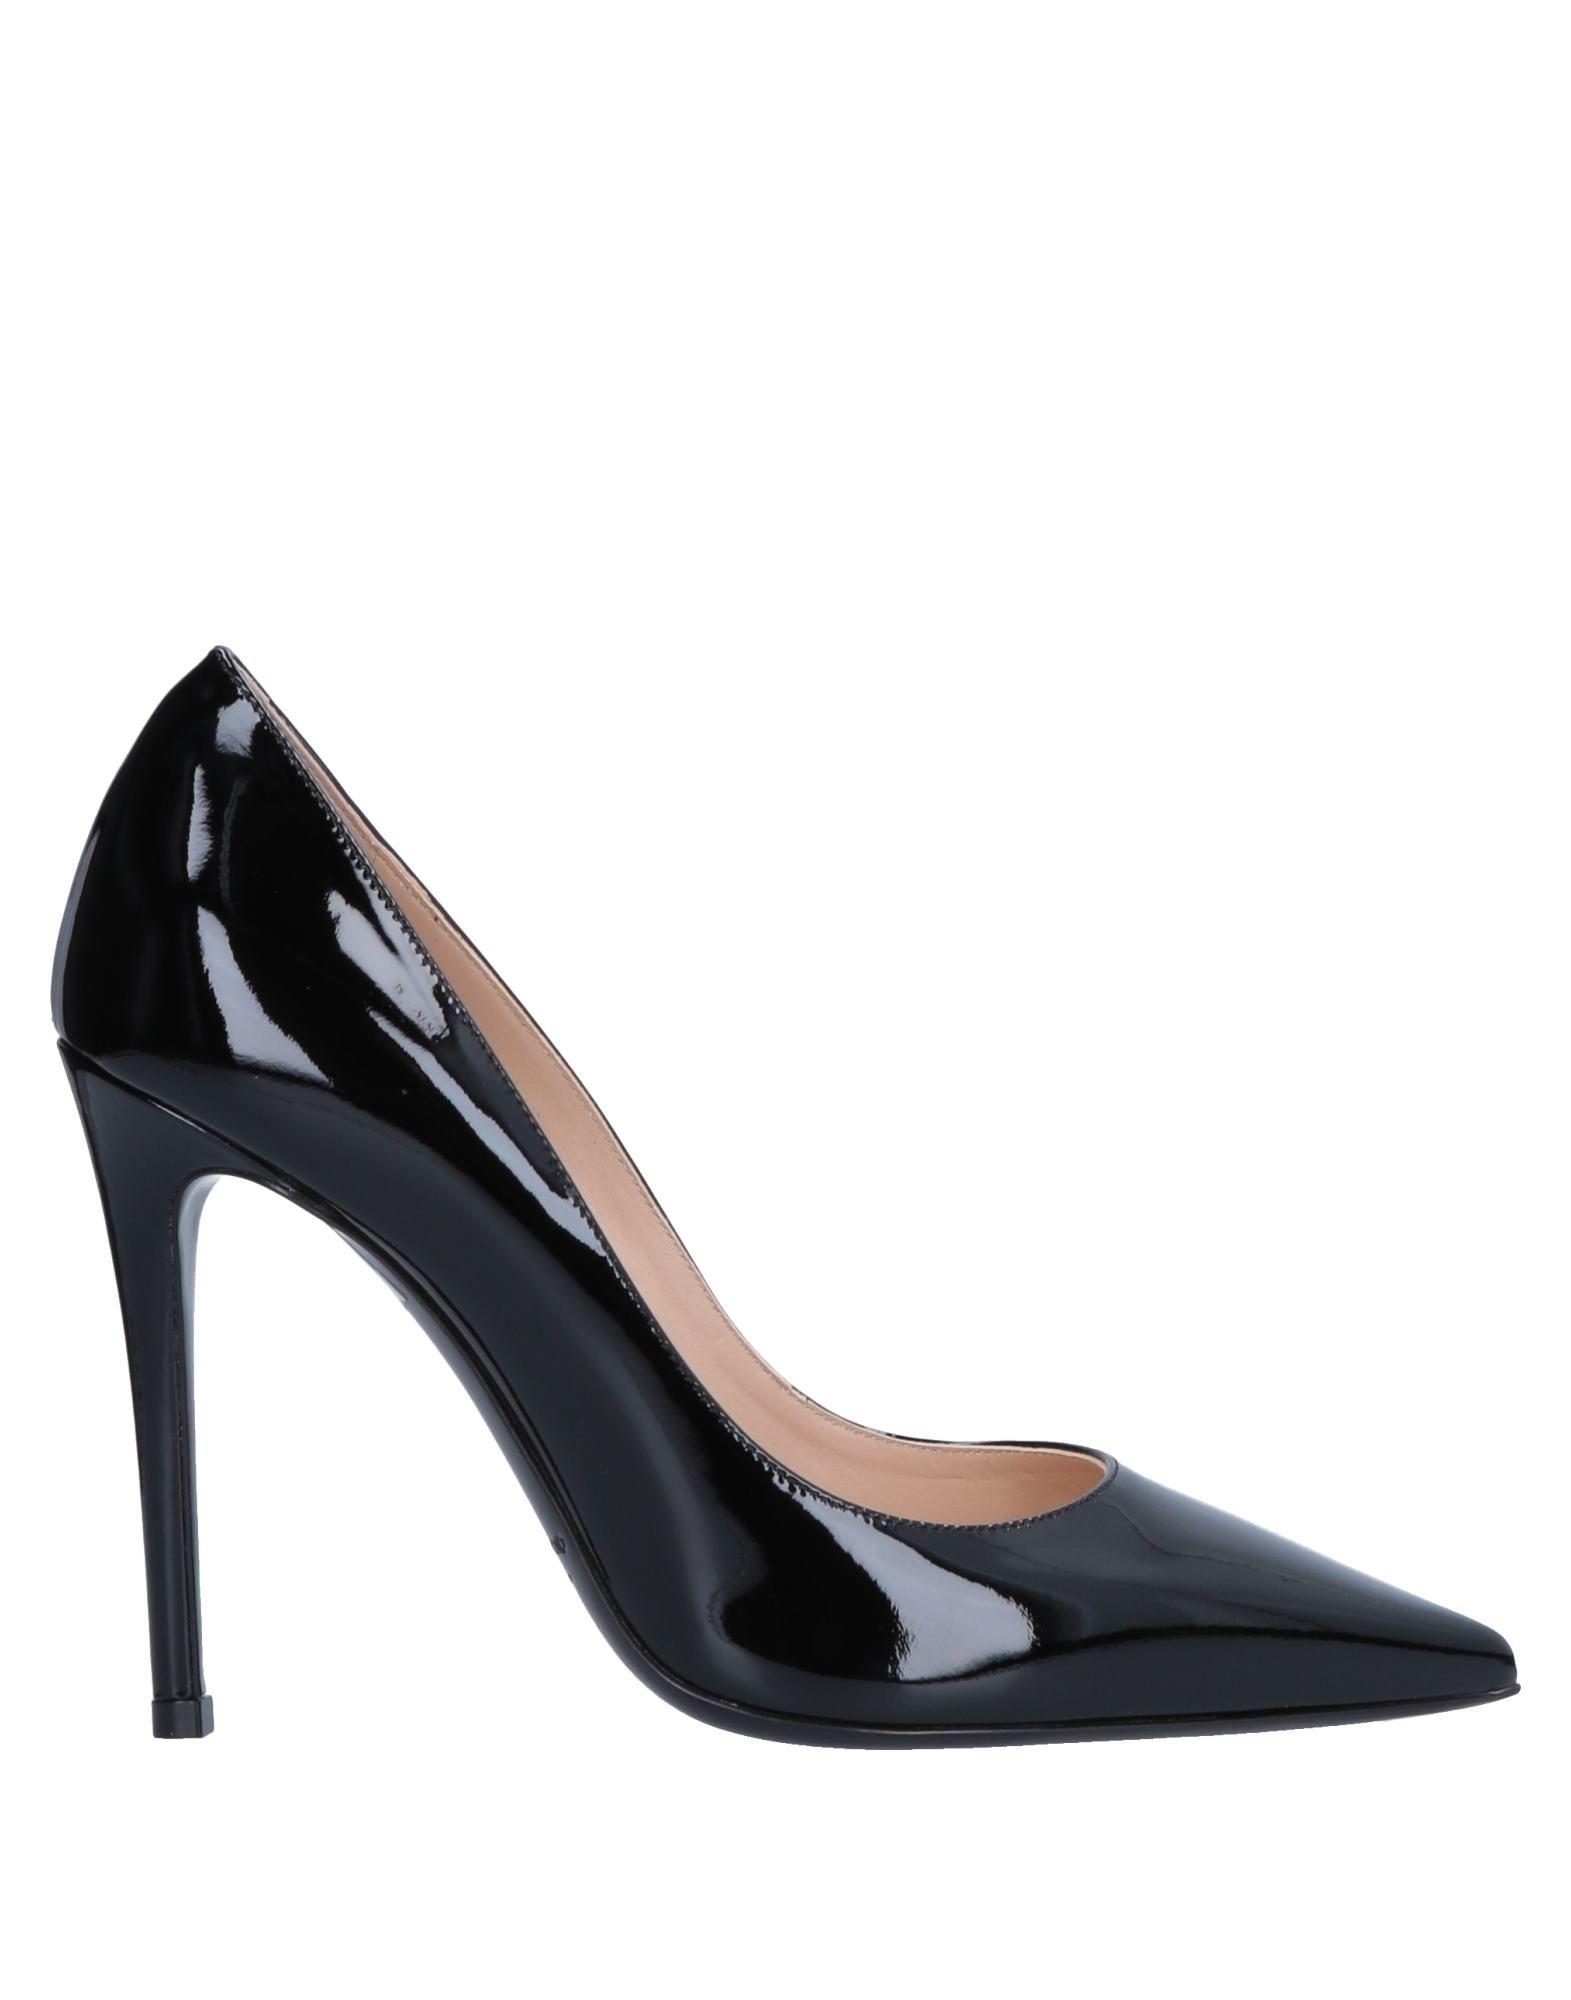 Mocassino Cult Donna - 11473346IC comode Nuove offerte e scarpe comode 11473346IC d9efc8